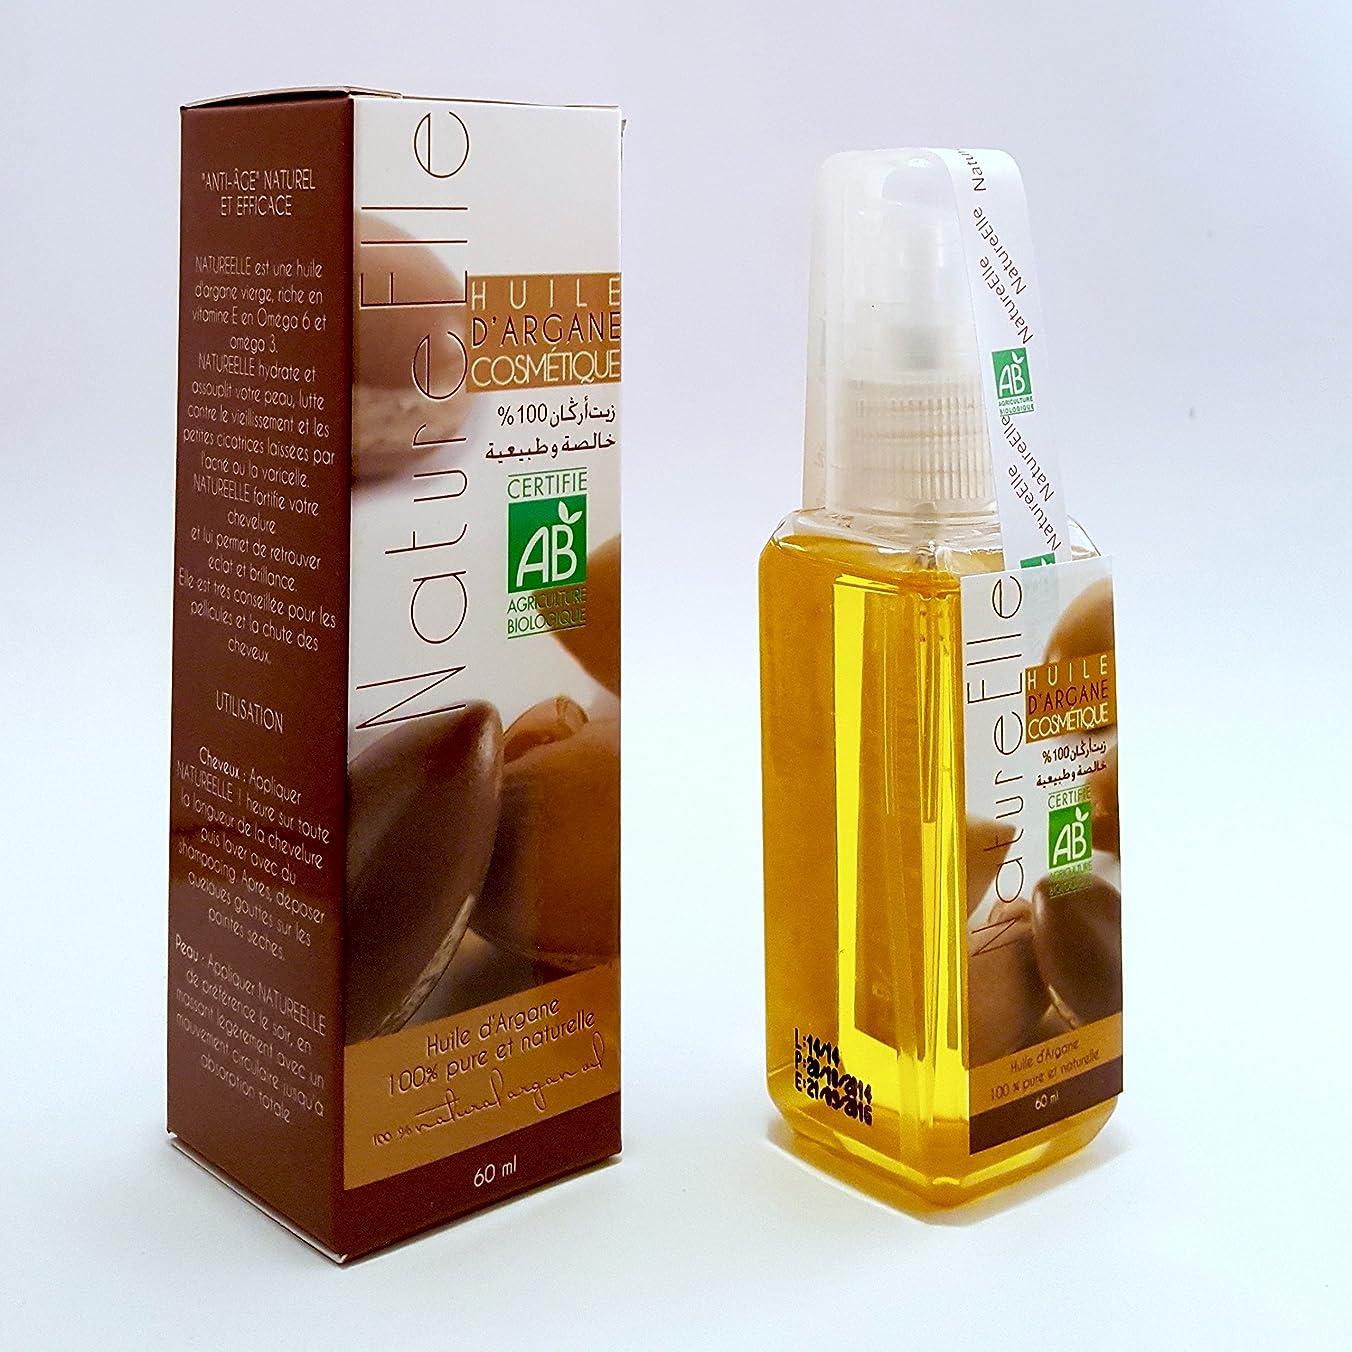 コウモリコミットメントカロリーNatureElle 60ミリリットル - 肌や髪のためのアルガンオイル100%ピュア?有機モロッコオイル Argan Oil 100% Pure and Organic Moroccan Oil for skin and hair - 60 ml - Delivery Express in three working days - Shipping traced [並行輸入品]